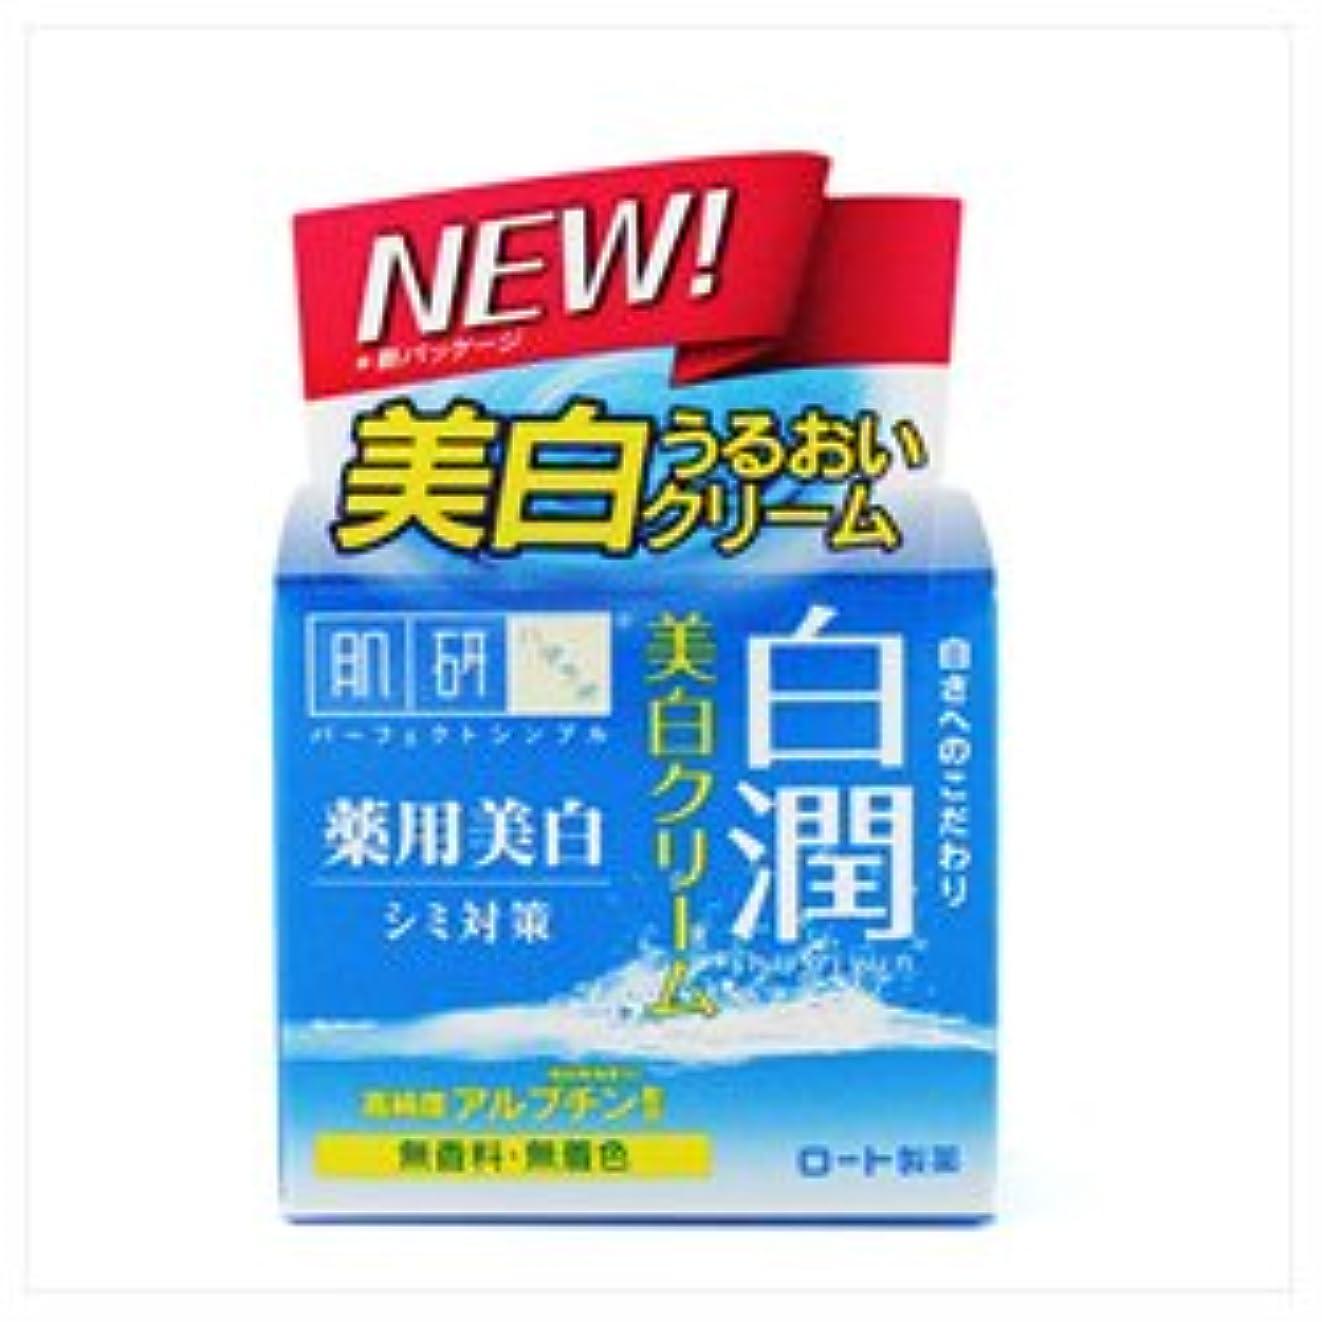 獲物パトワ国家【ロート製薬】肌研 白潤薬用美白クリーム 50g(医薬部外品) ×3個セット